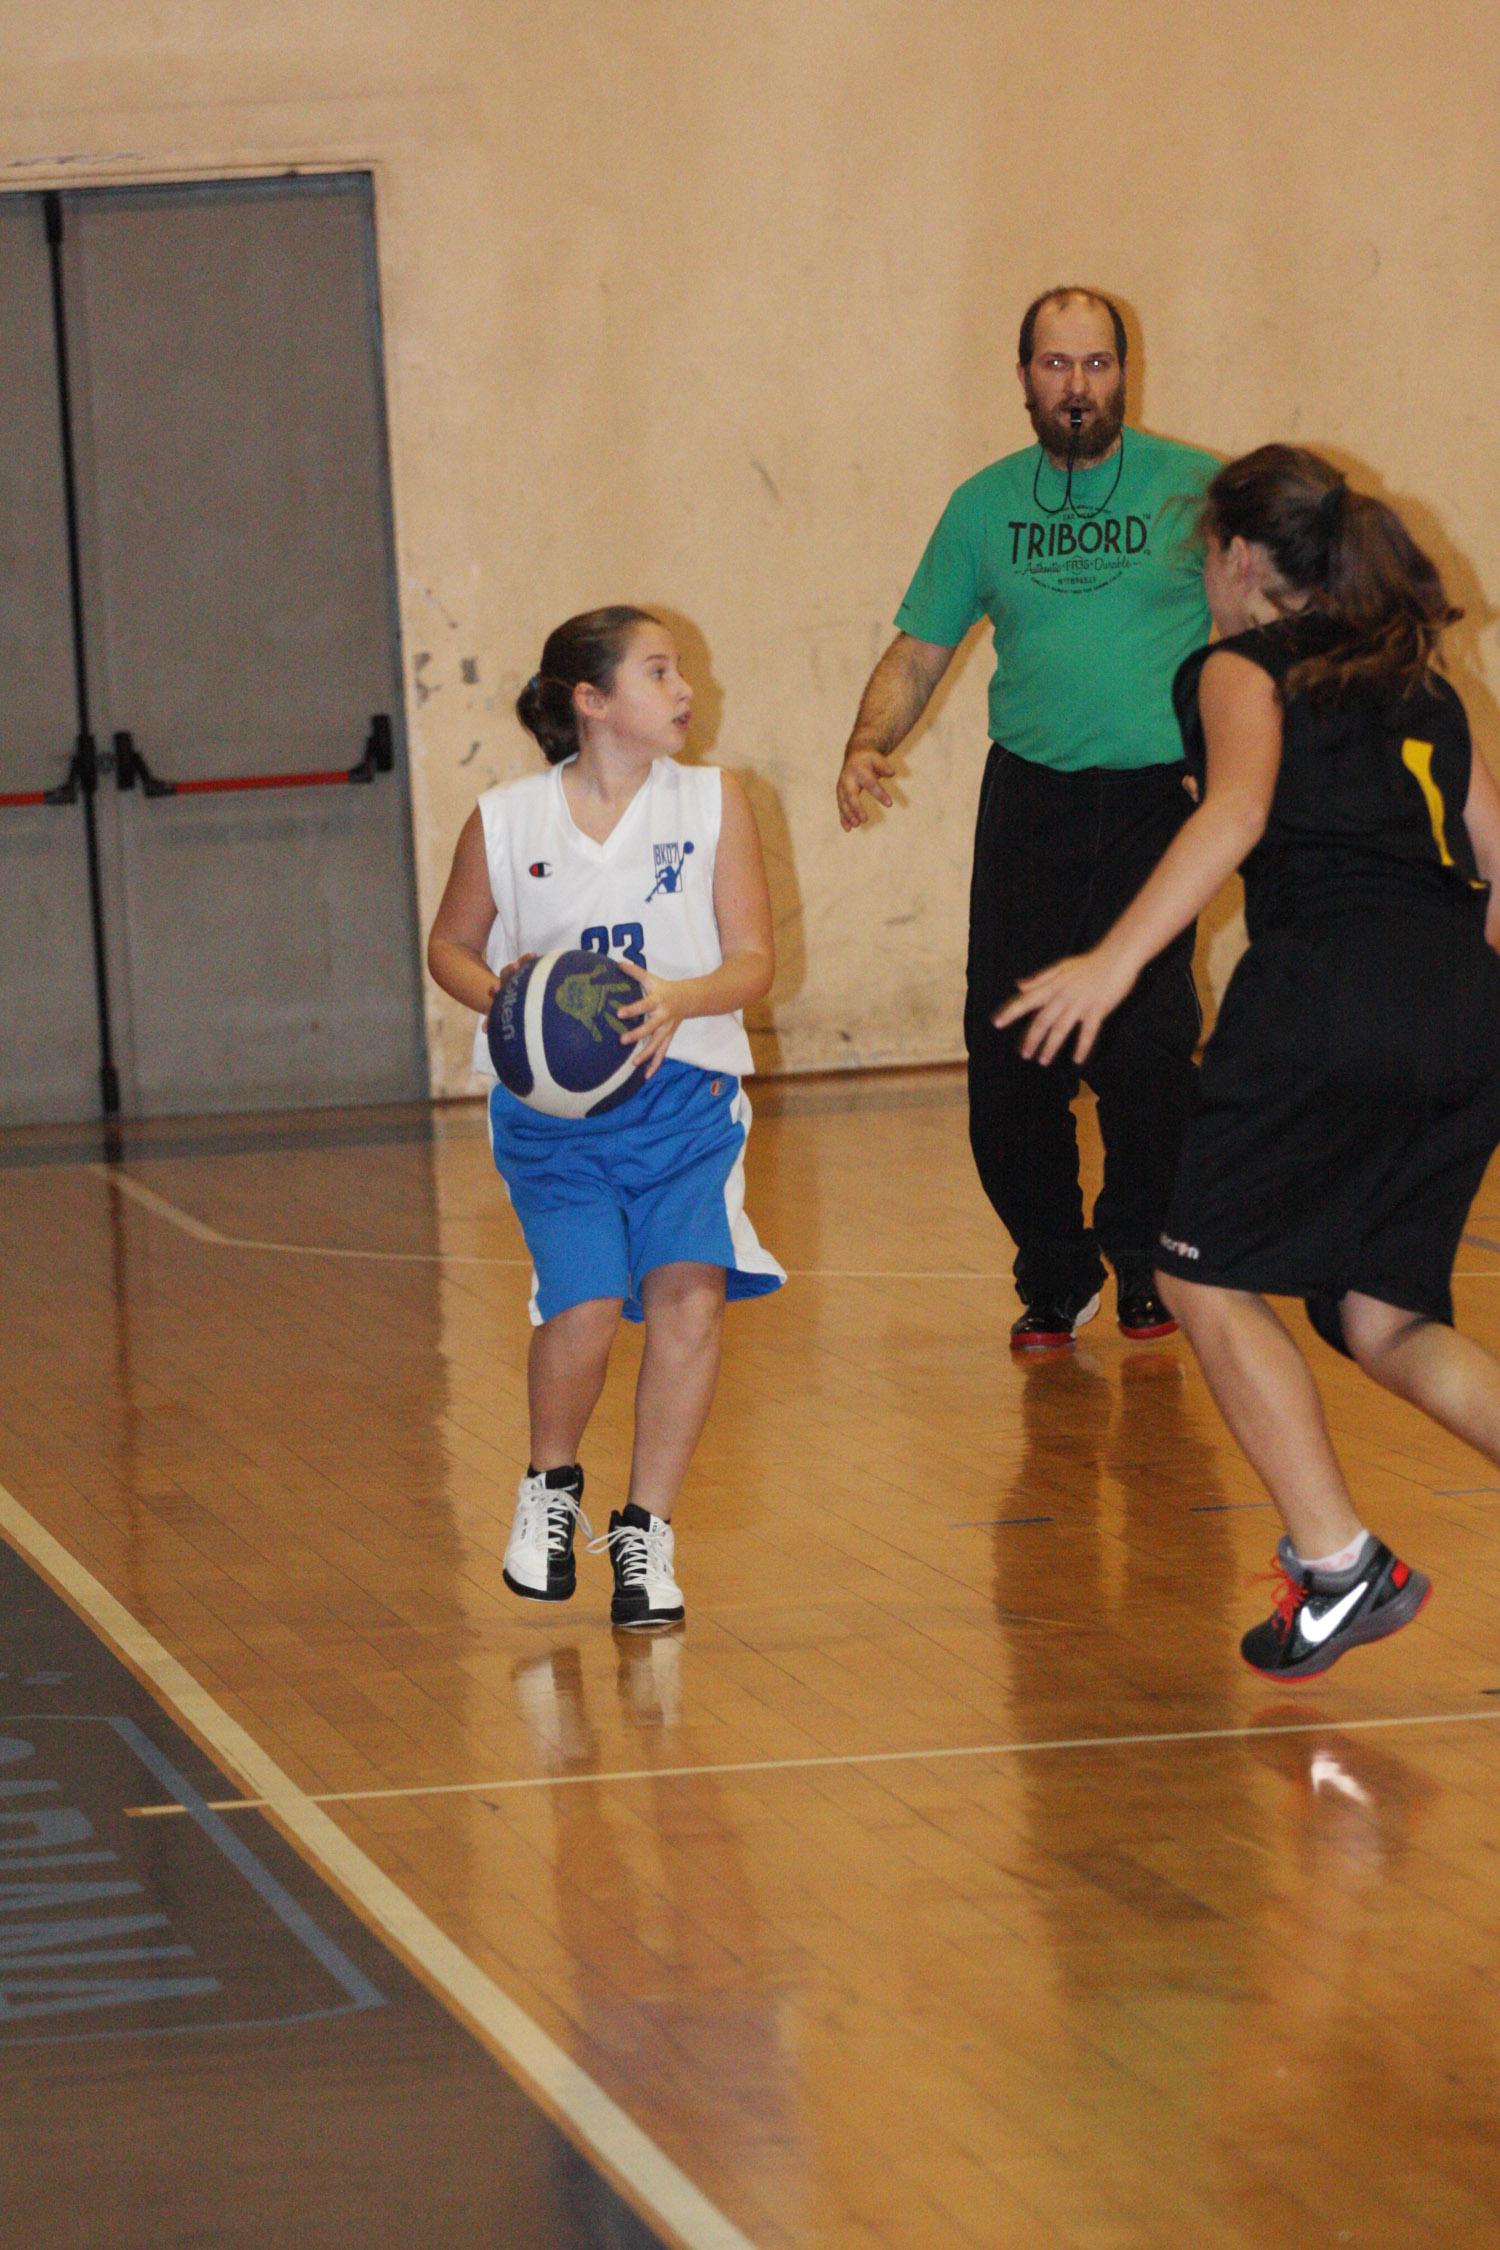 U13 - Baskettiamo Vittuone vs Carroccio Legnano 00016.jpg